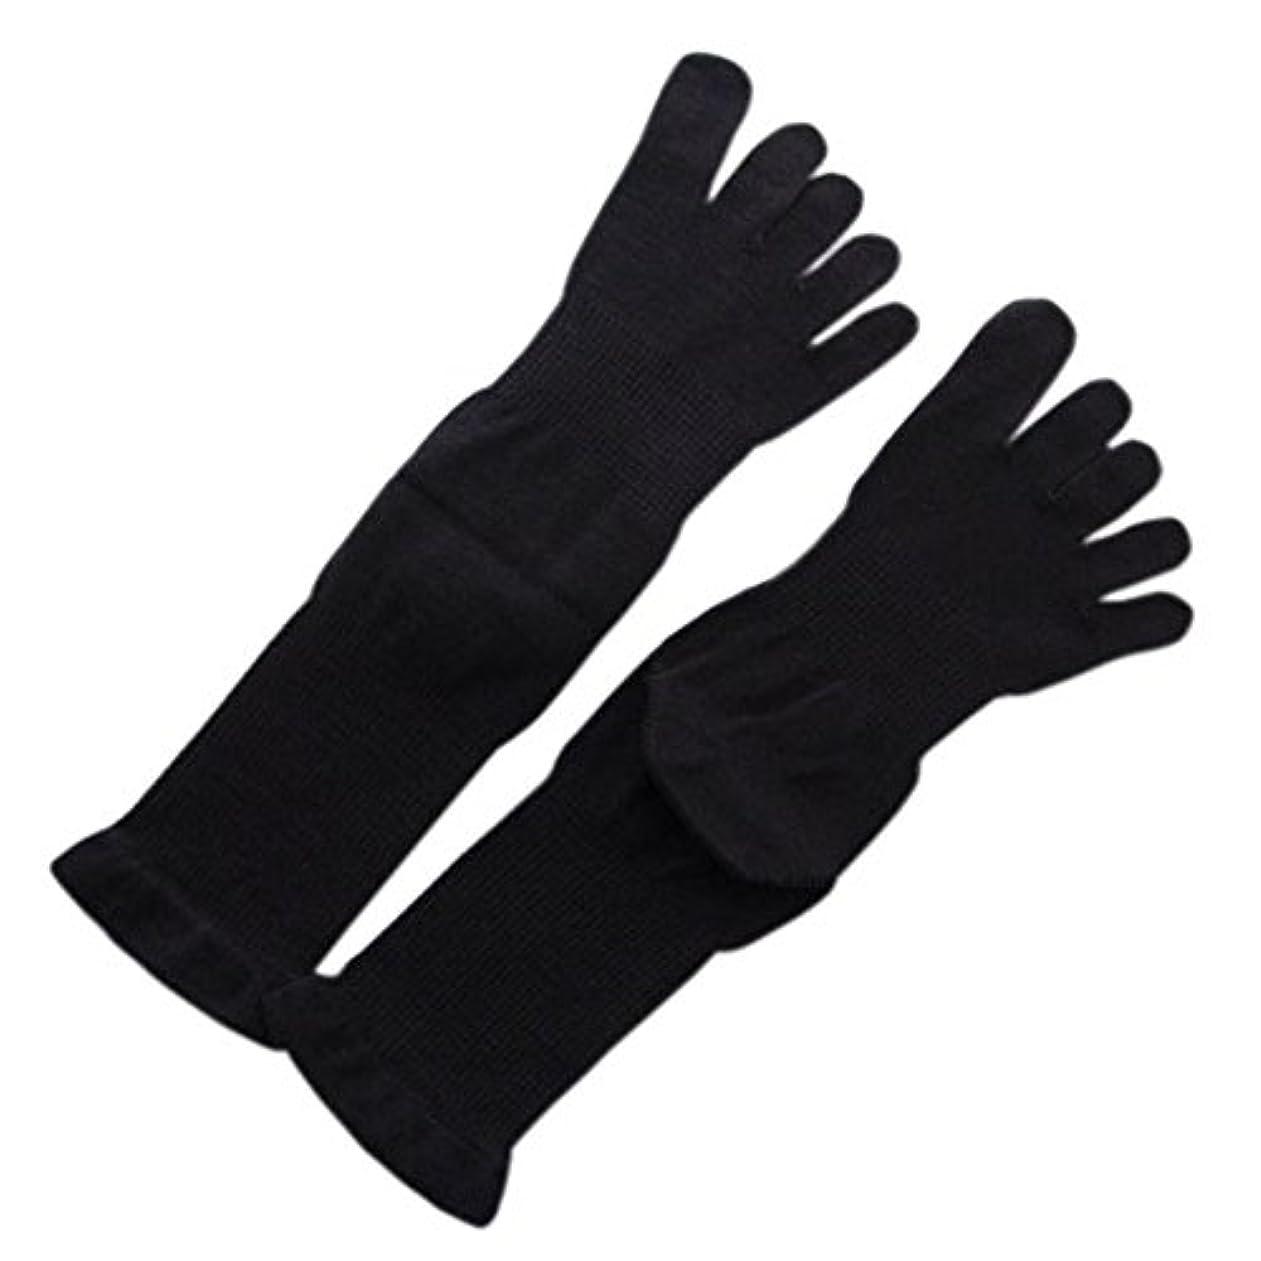 メーカー乞食夫婦5本指薄手ソックス 黒L:オーガニックコットン100%足首を締め付けないソックス!